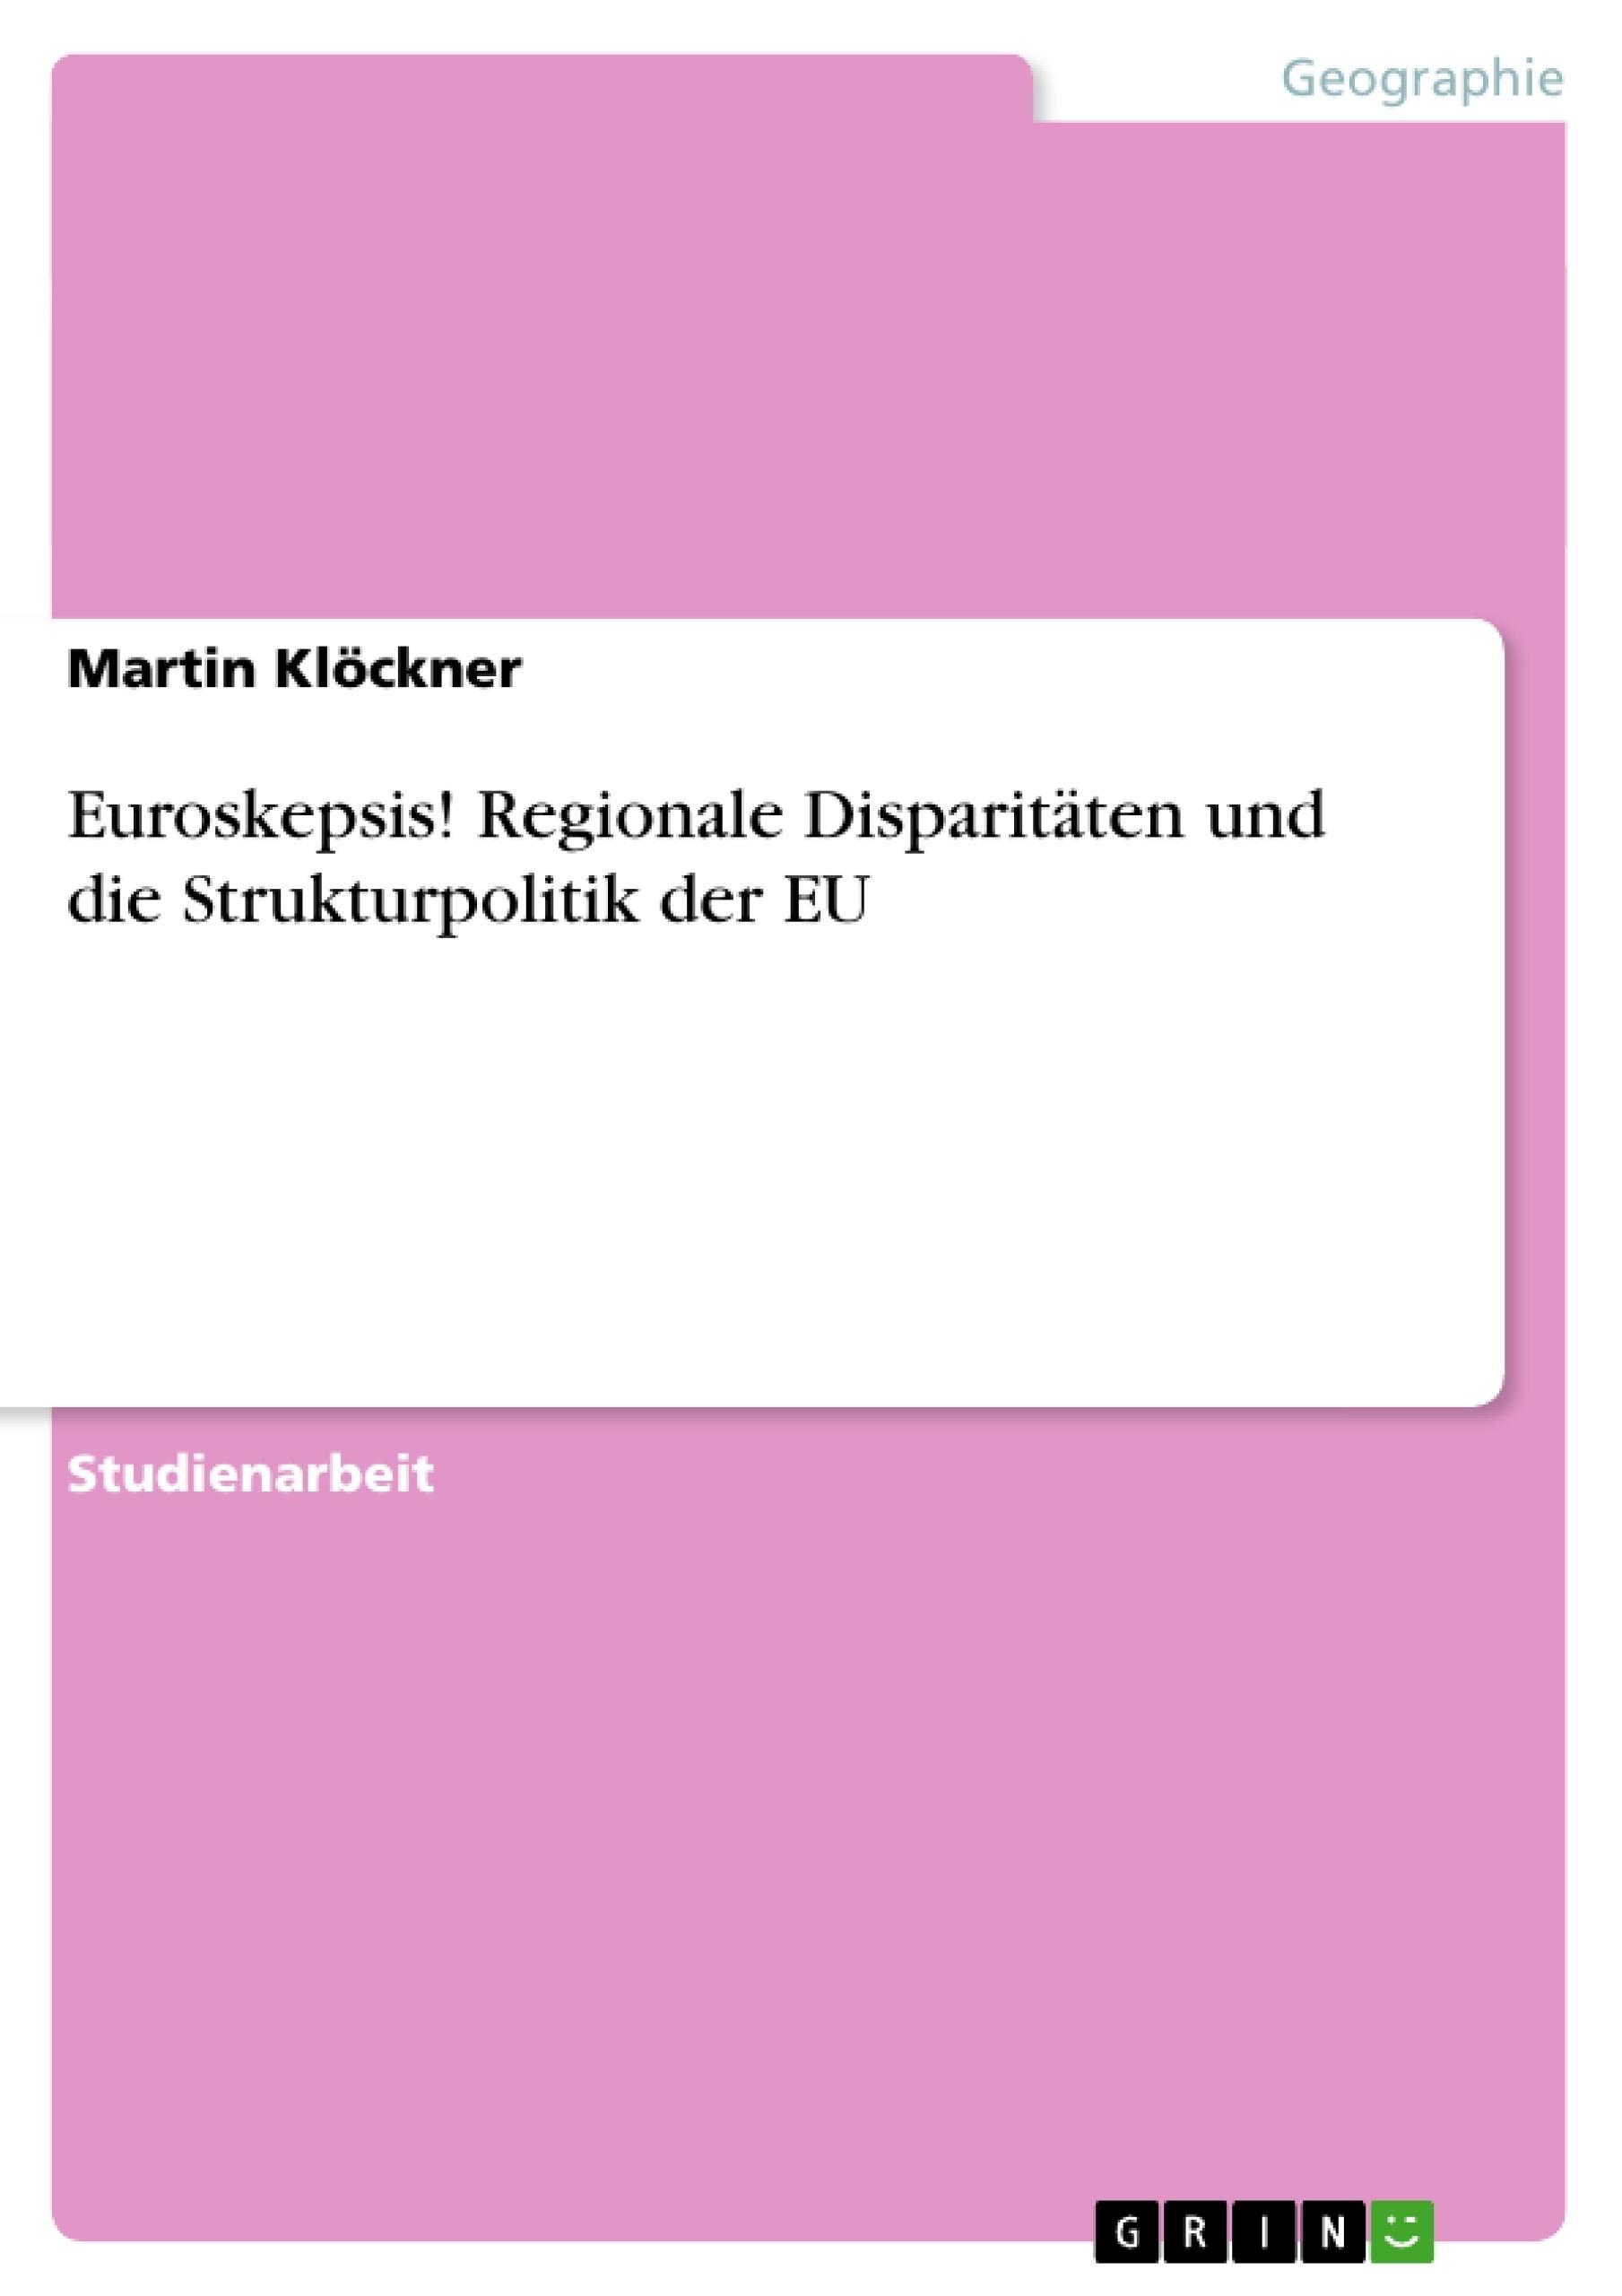 Titel: Euroskepsis! Regionale Disparitäten und die Strukturpolitik der EU